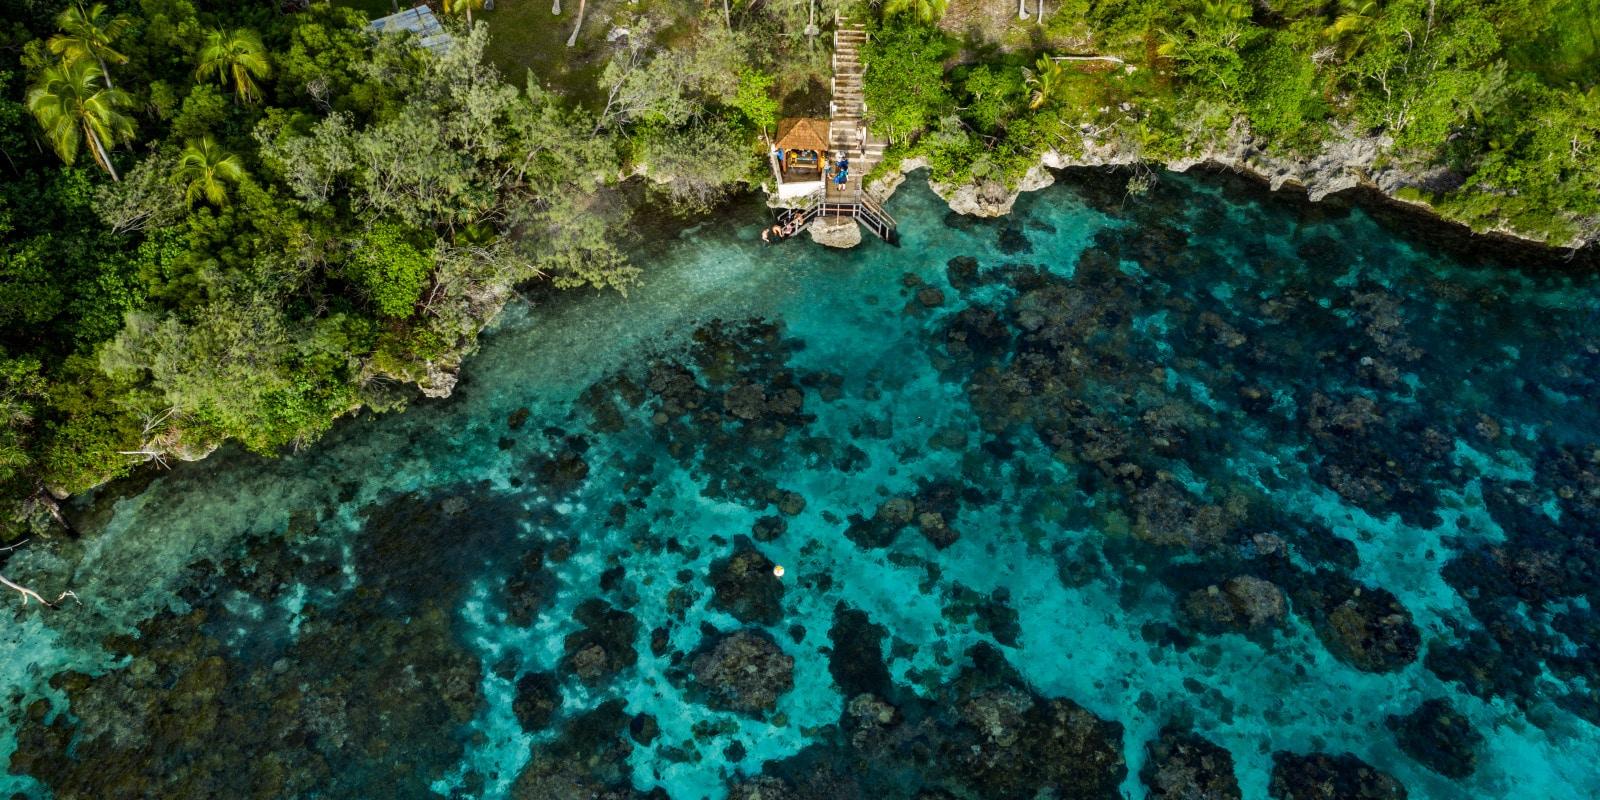 Vue aérienne sur une baie rocheuse donnant sur un lagon corallien en Nouvelle-Calédonie